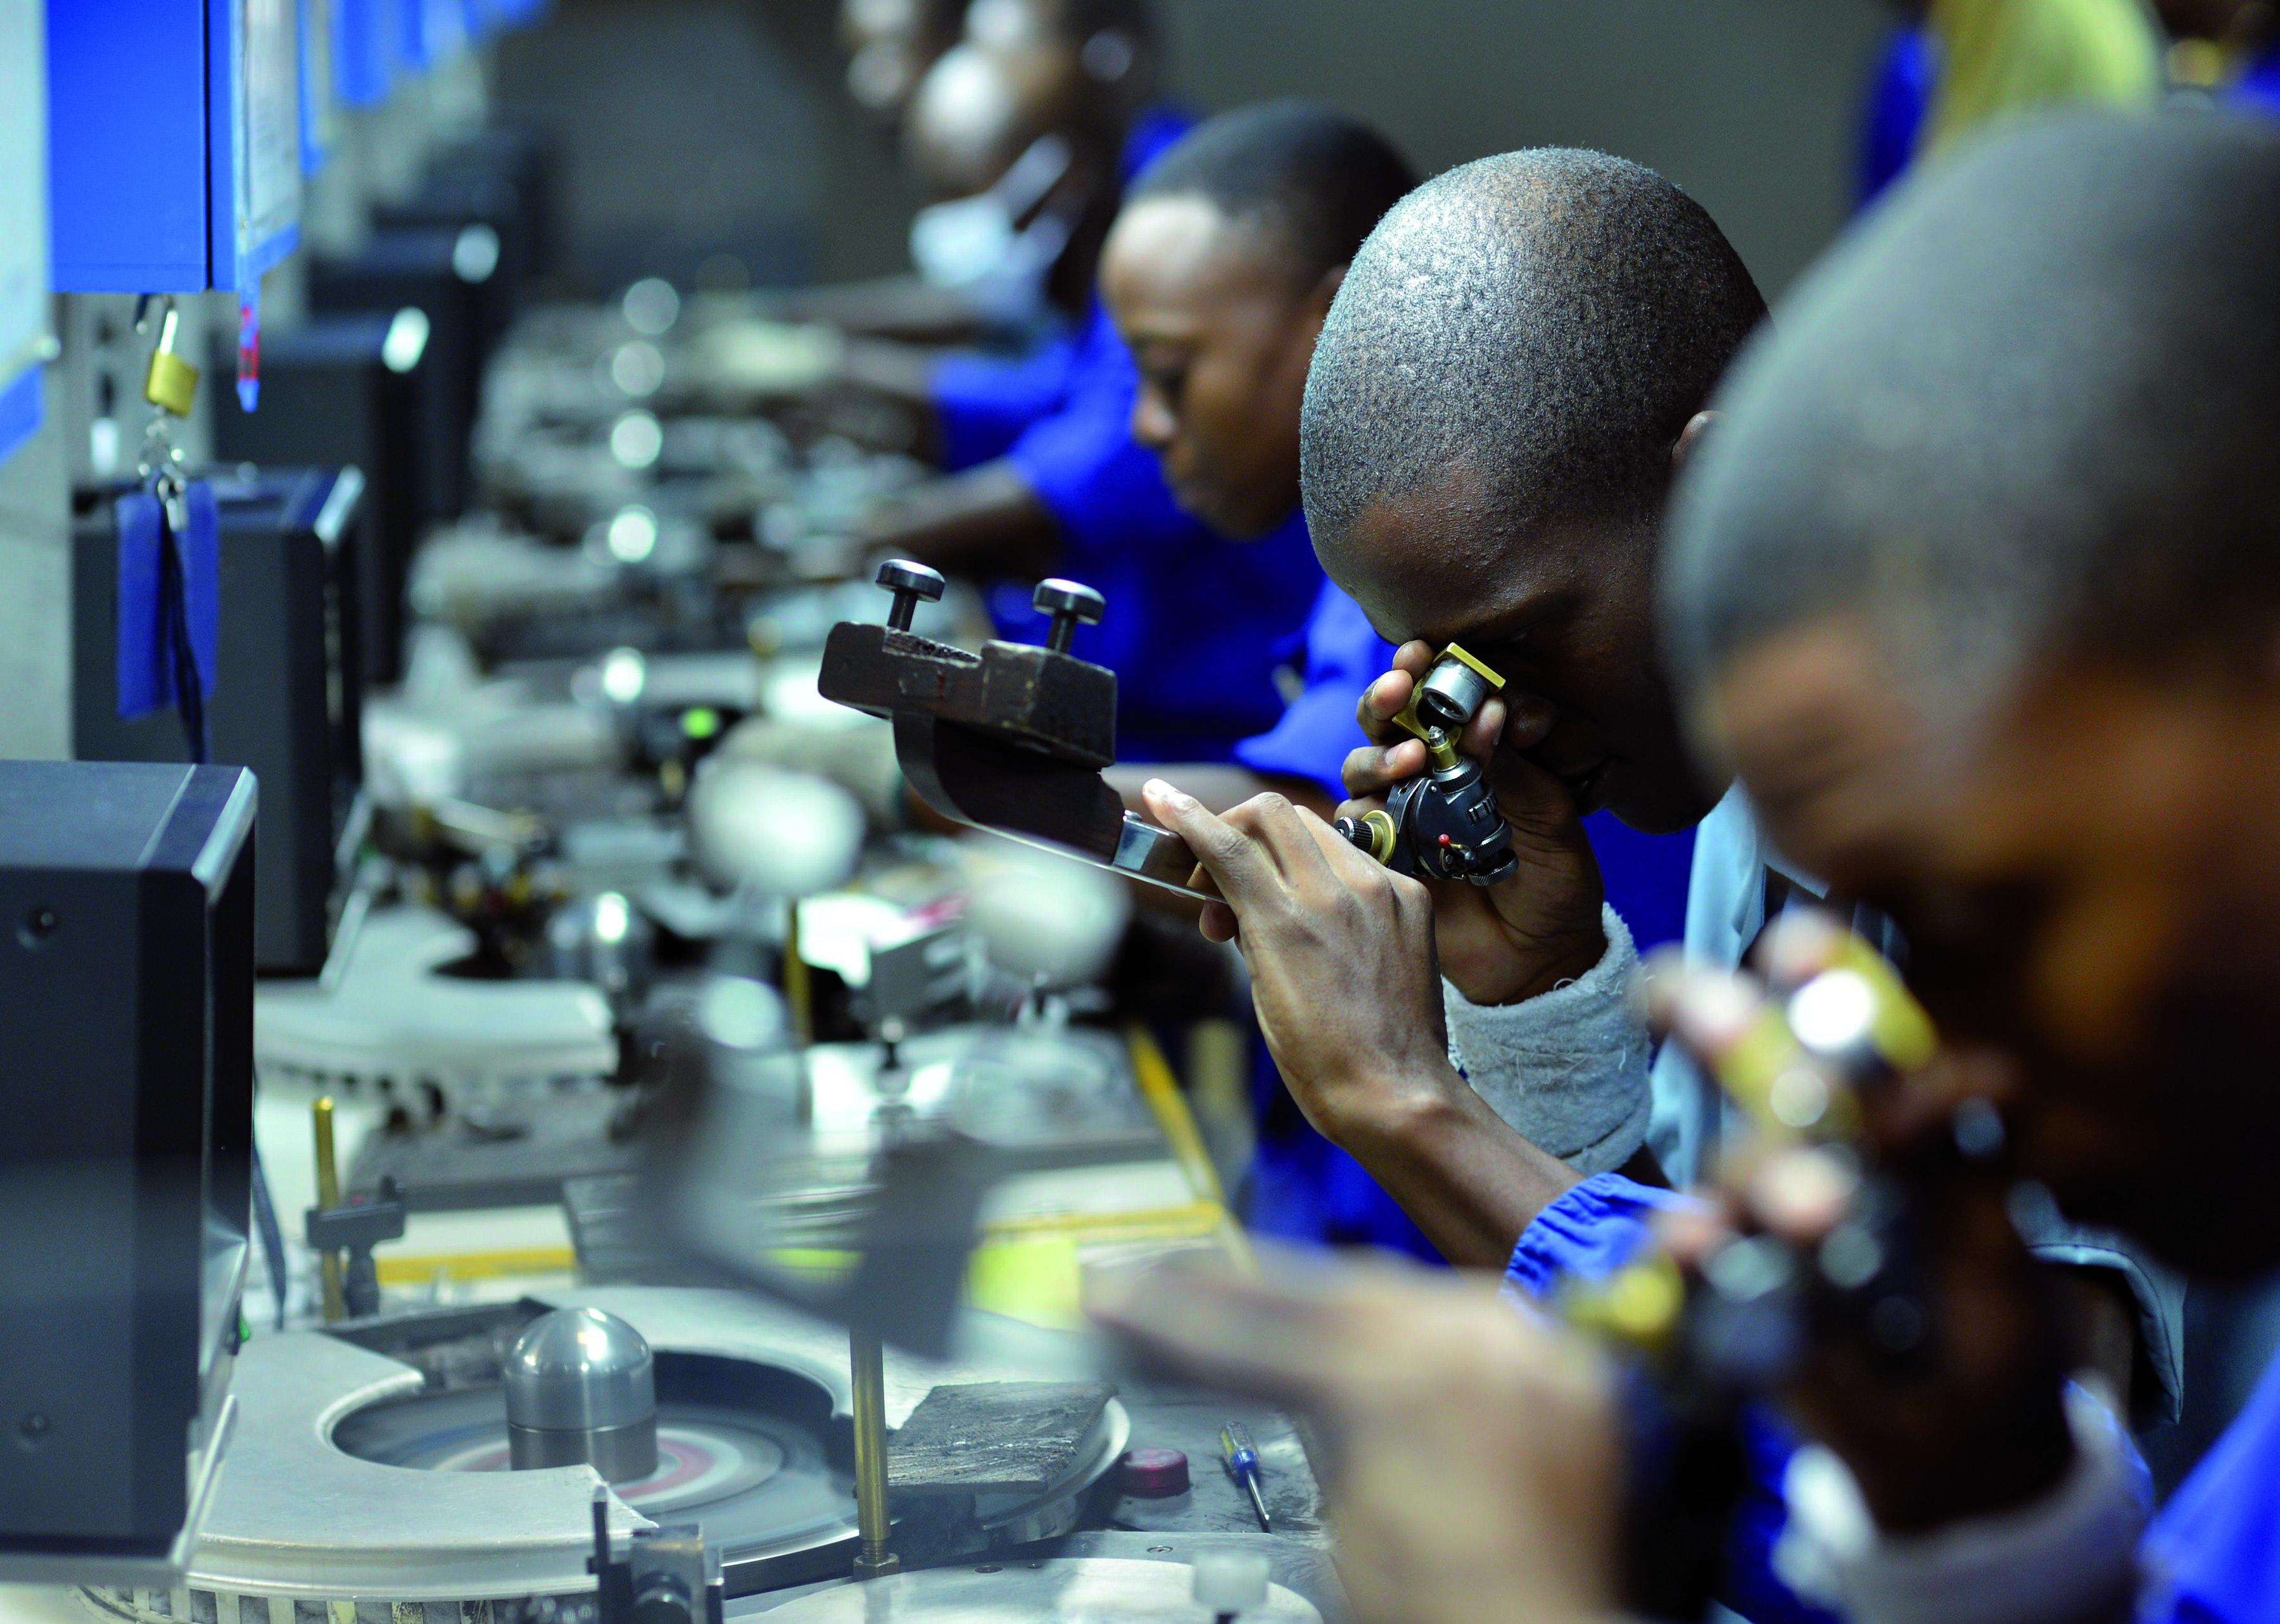 Trabajadores chequean, cortan y pulen diamantes en una fábrica de Gaborone, Botsuana Fotografía: Getty Images